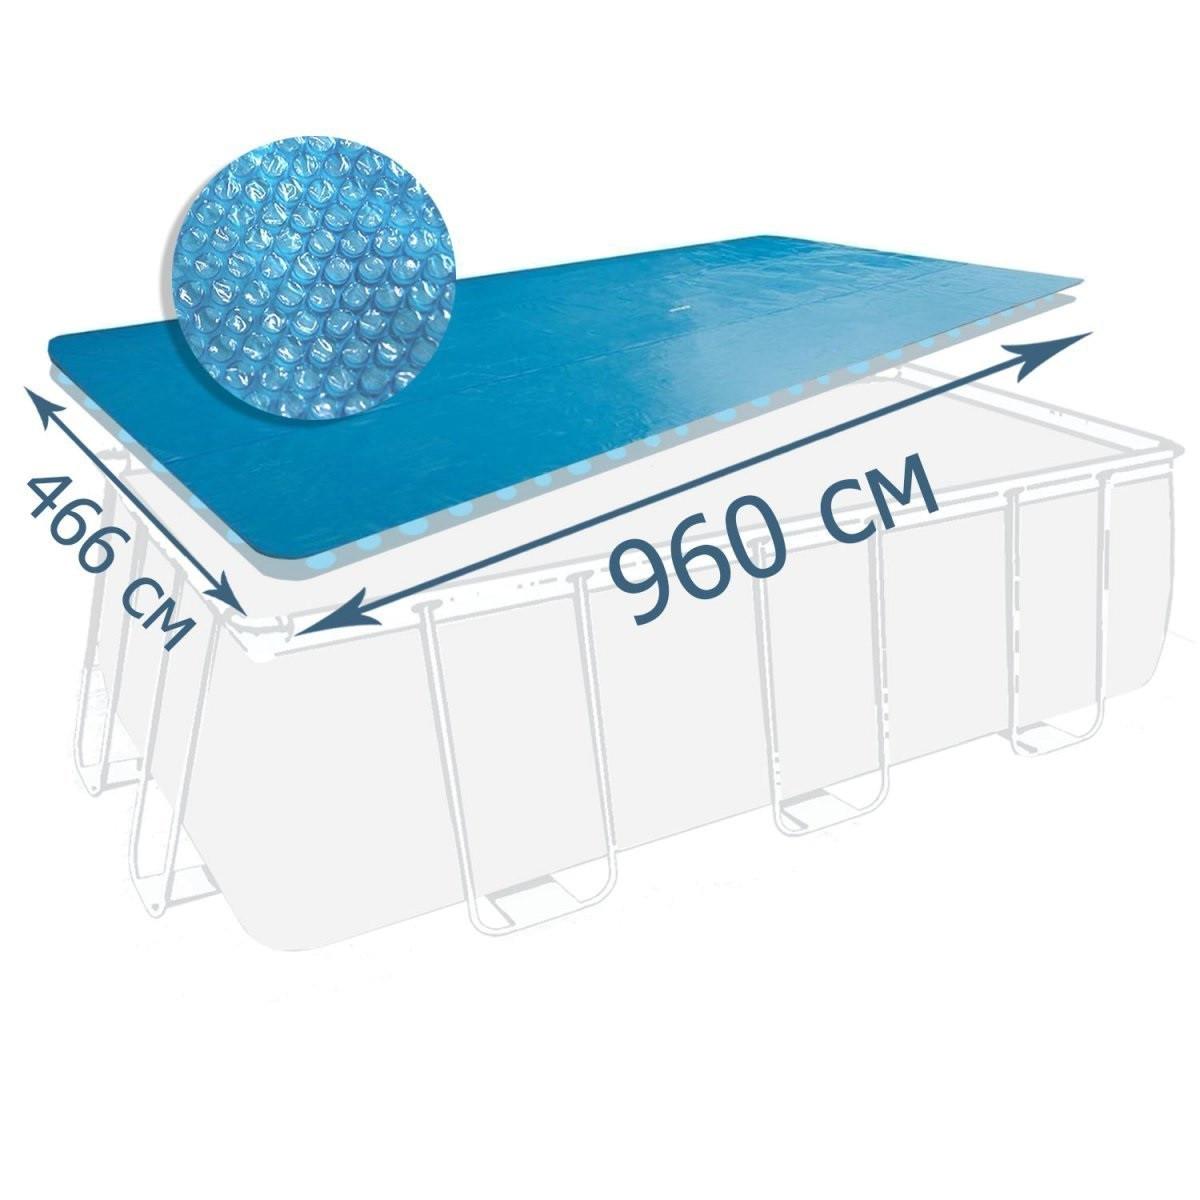 Покривало плаваюче Intex Solar Cover 305 см, артикул 29021/59952